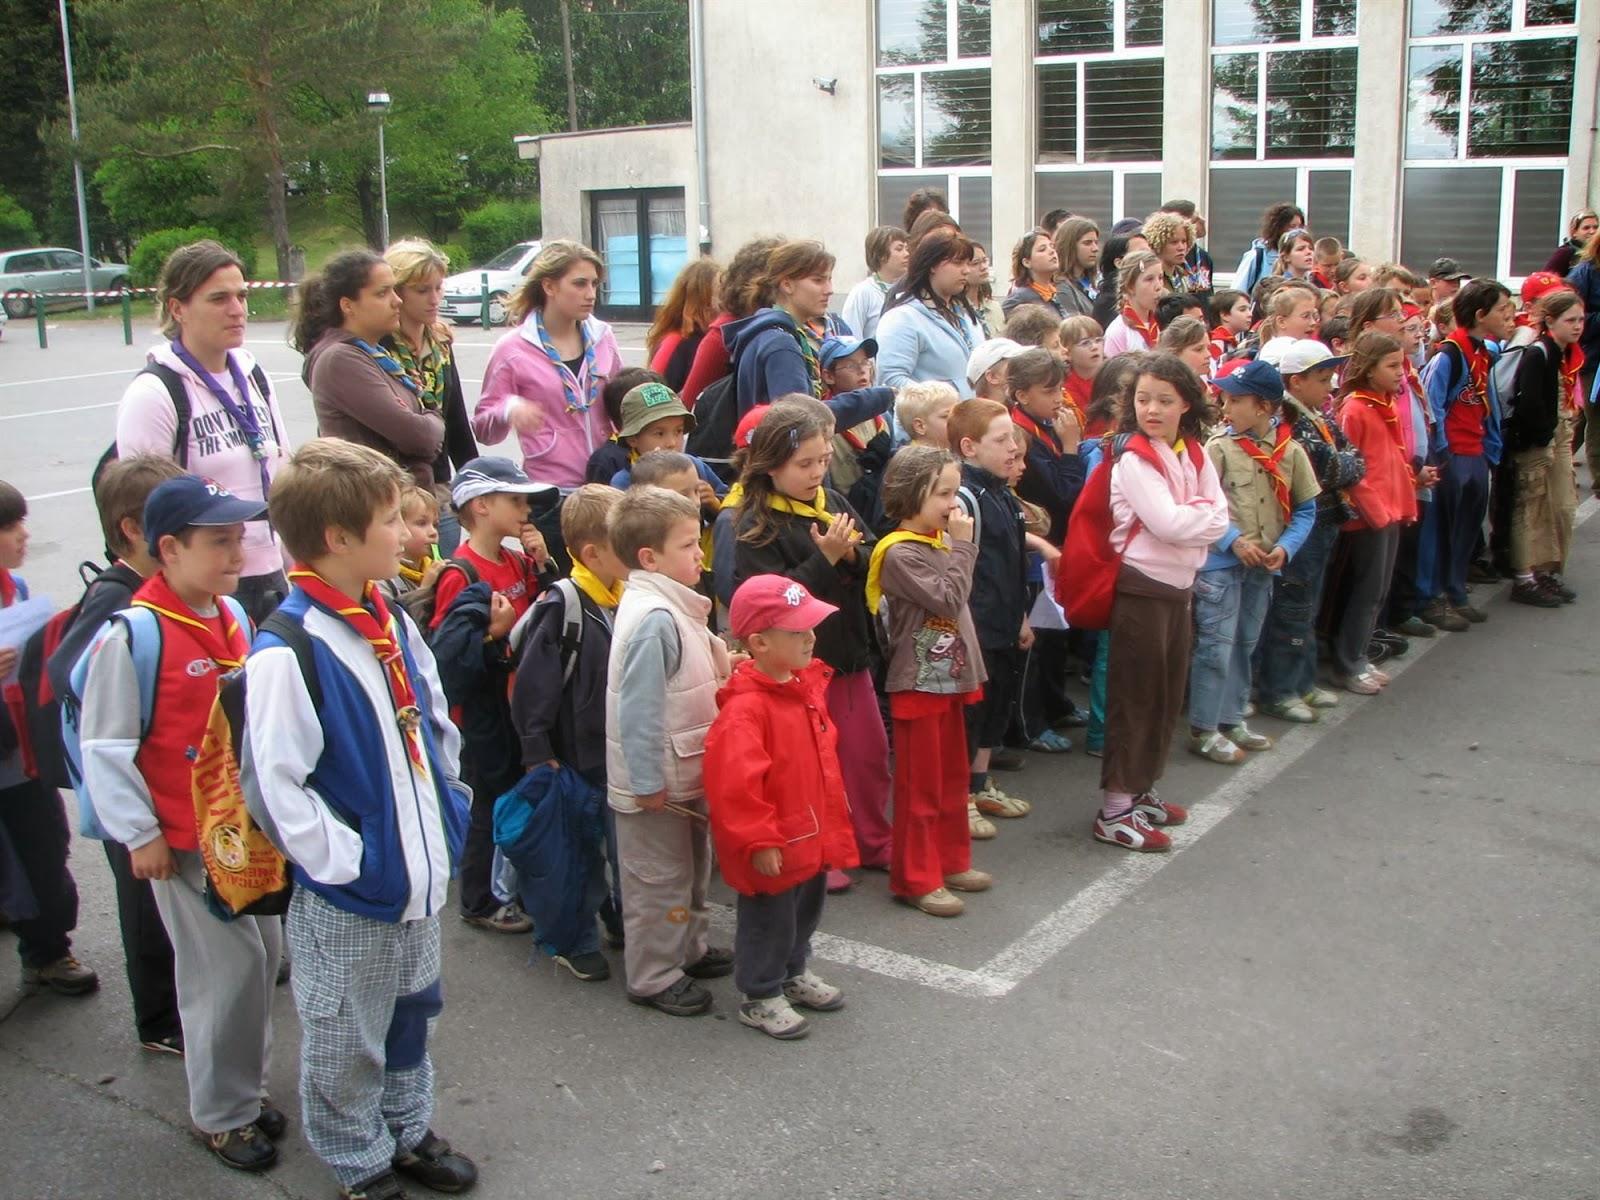 Področni mnogoboj MČ, Ilirska Bistrica 2006 - pics%2B129.jpg